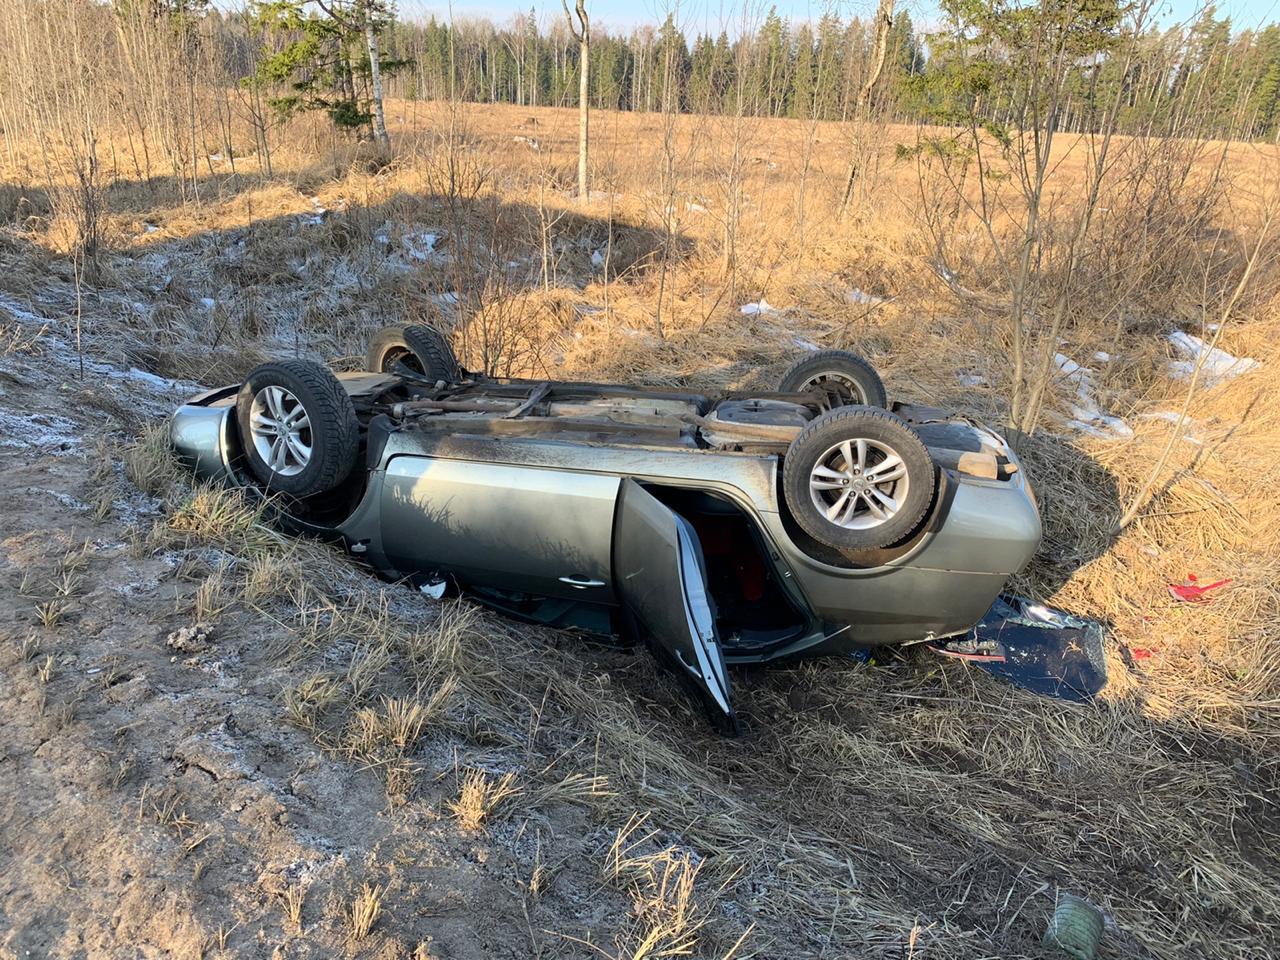 В ДТП на трассе Тверь - Ржев пострадали женщина и ребенок